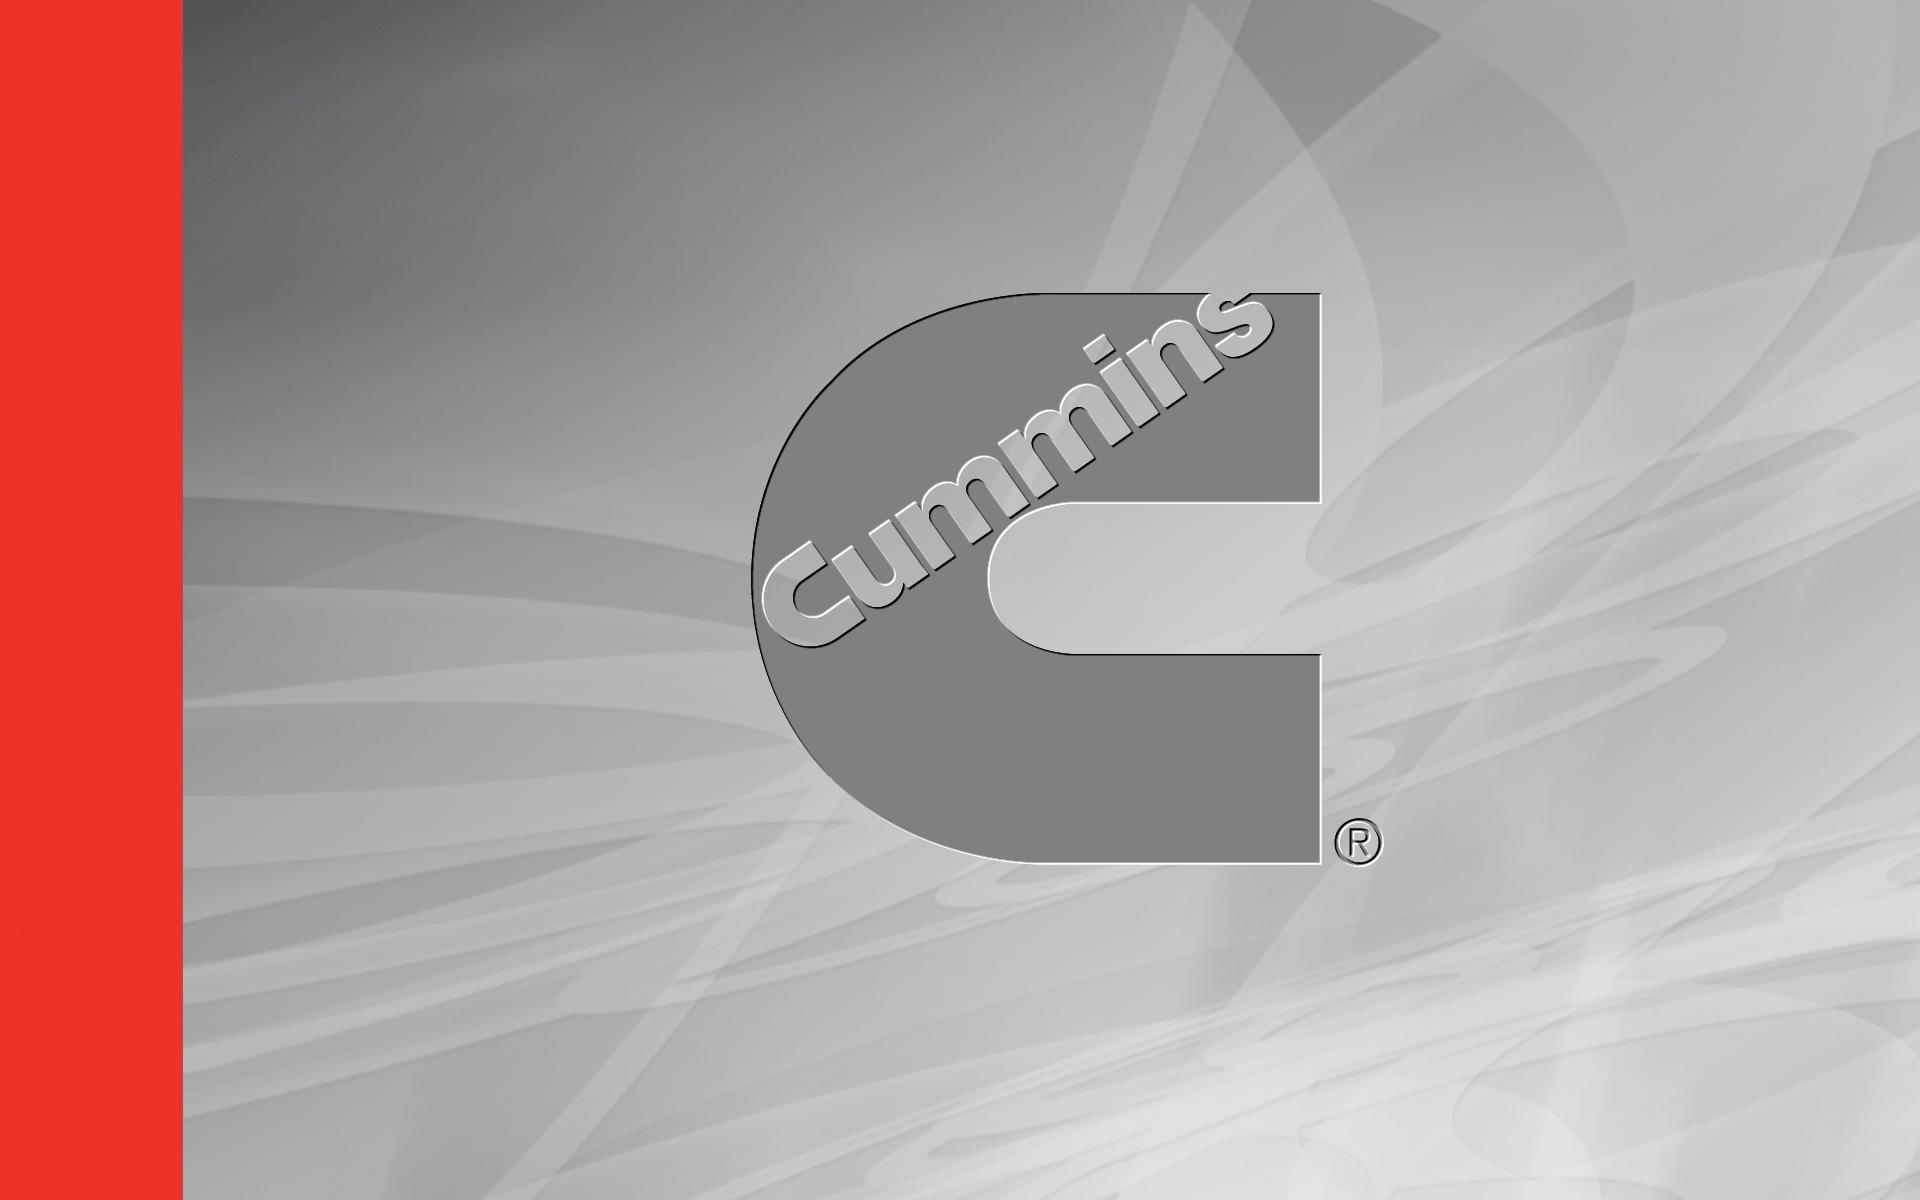 Cummins Desktop Wallpaper Wallpapersafari